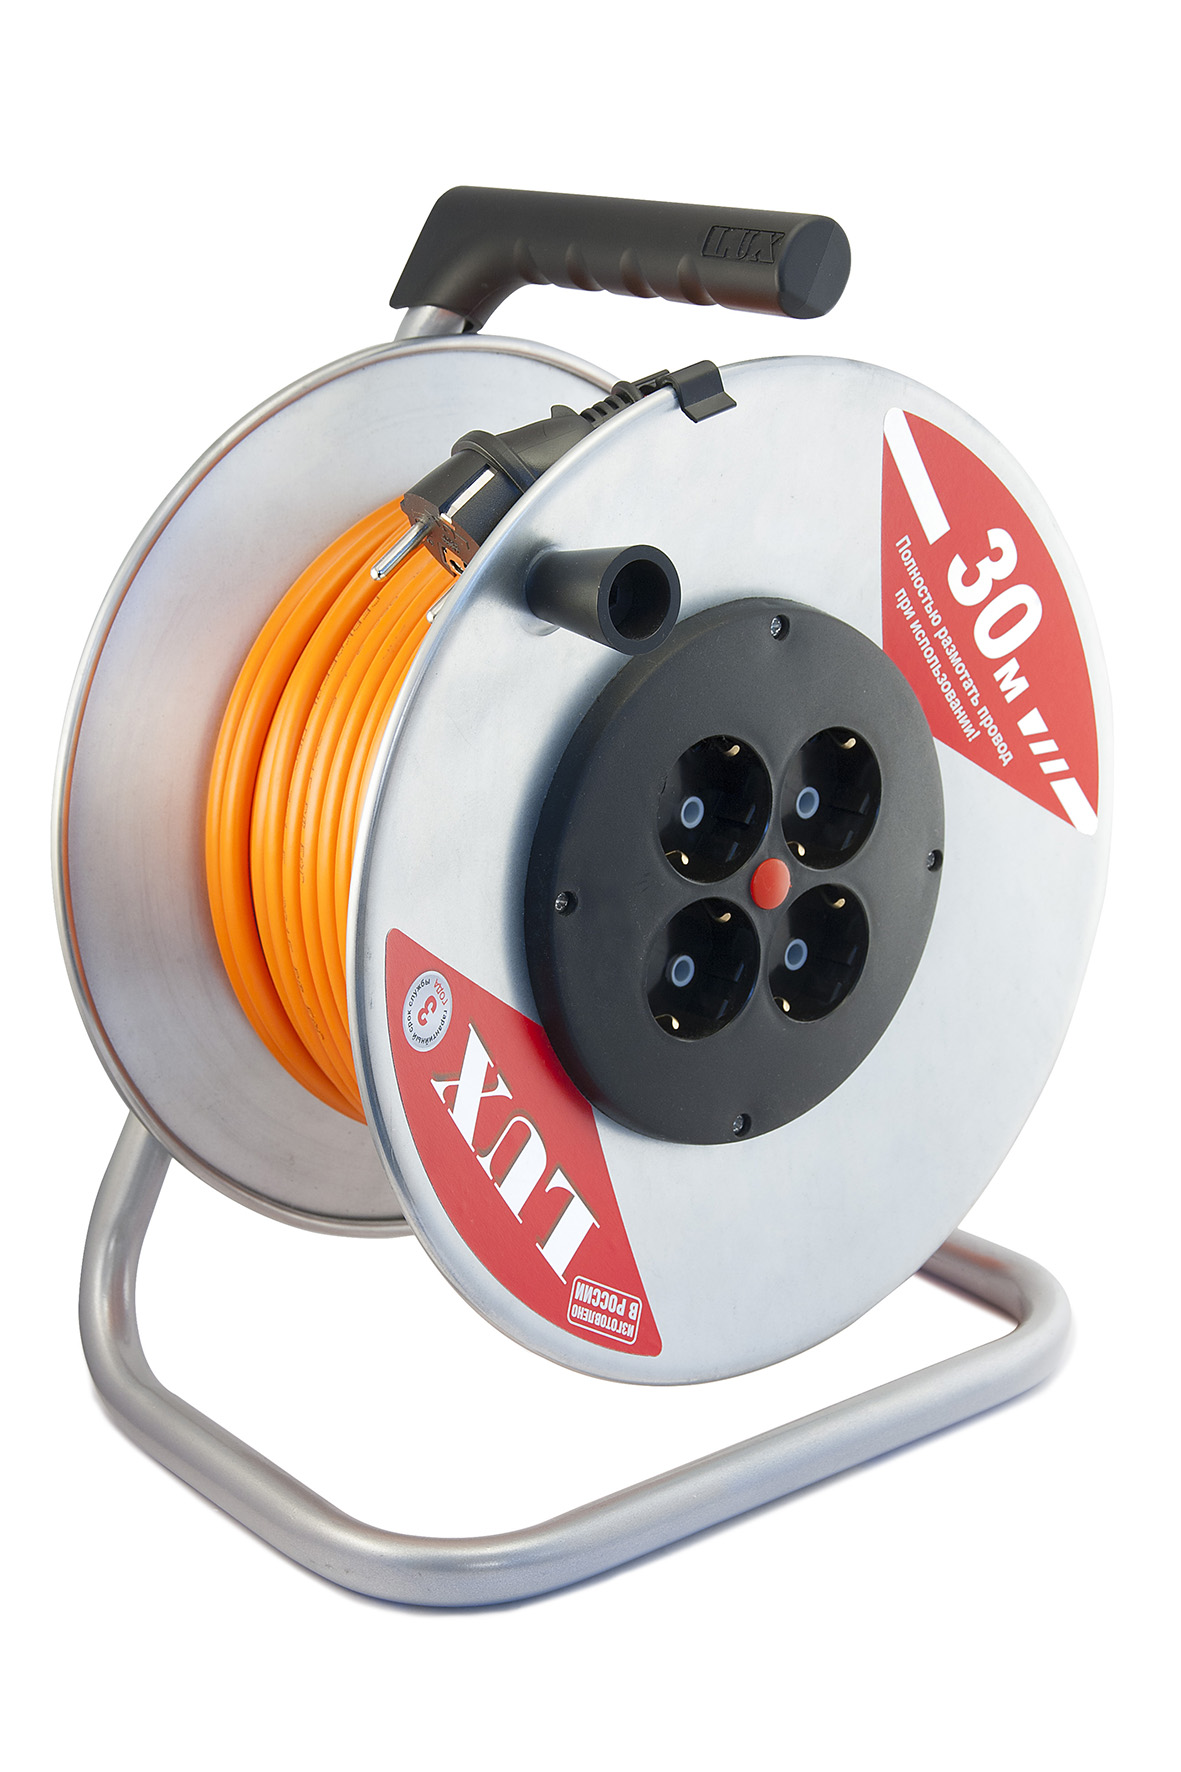 Удлинитель Lux 40130 К4-Е-30 ПВС удлинитель lux ус1 е 30 у 161 30030